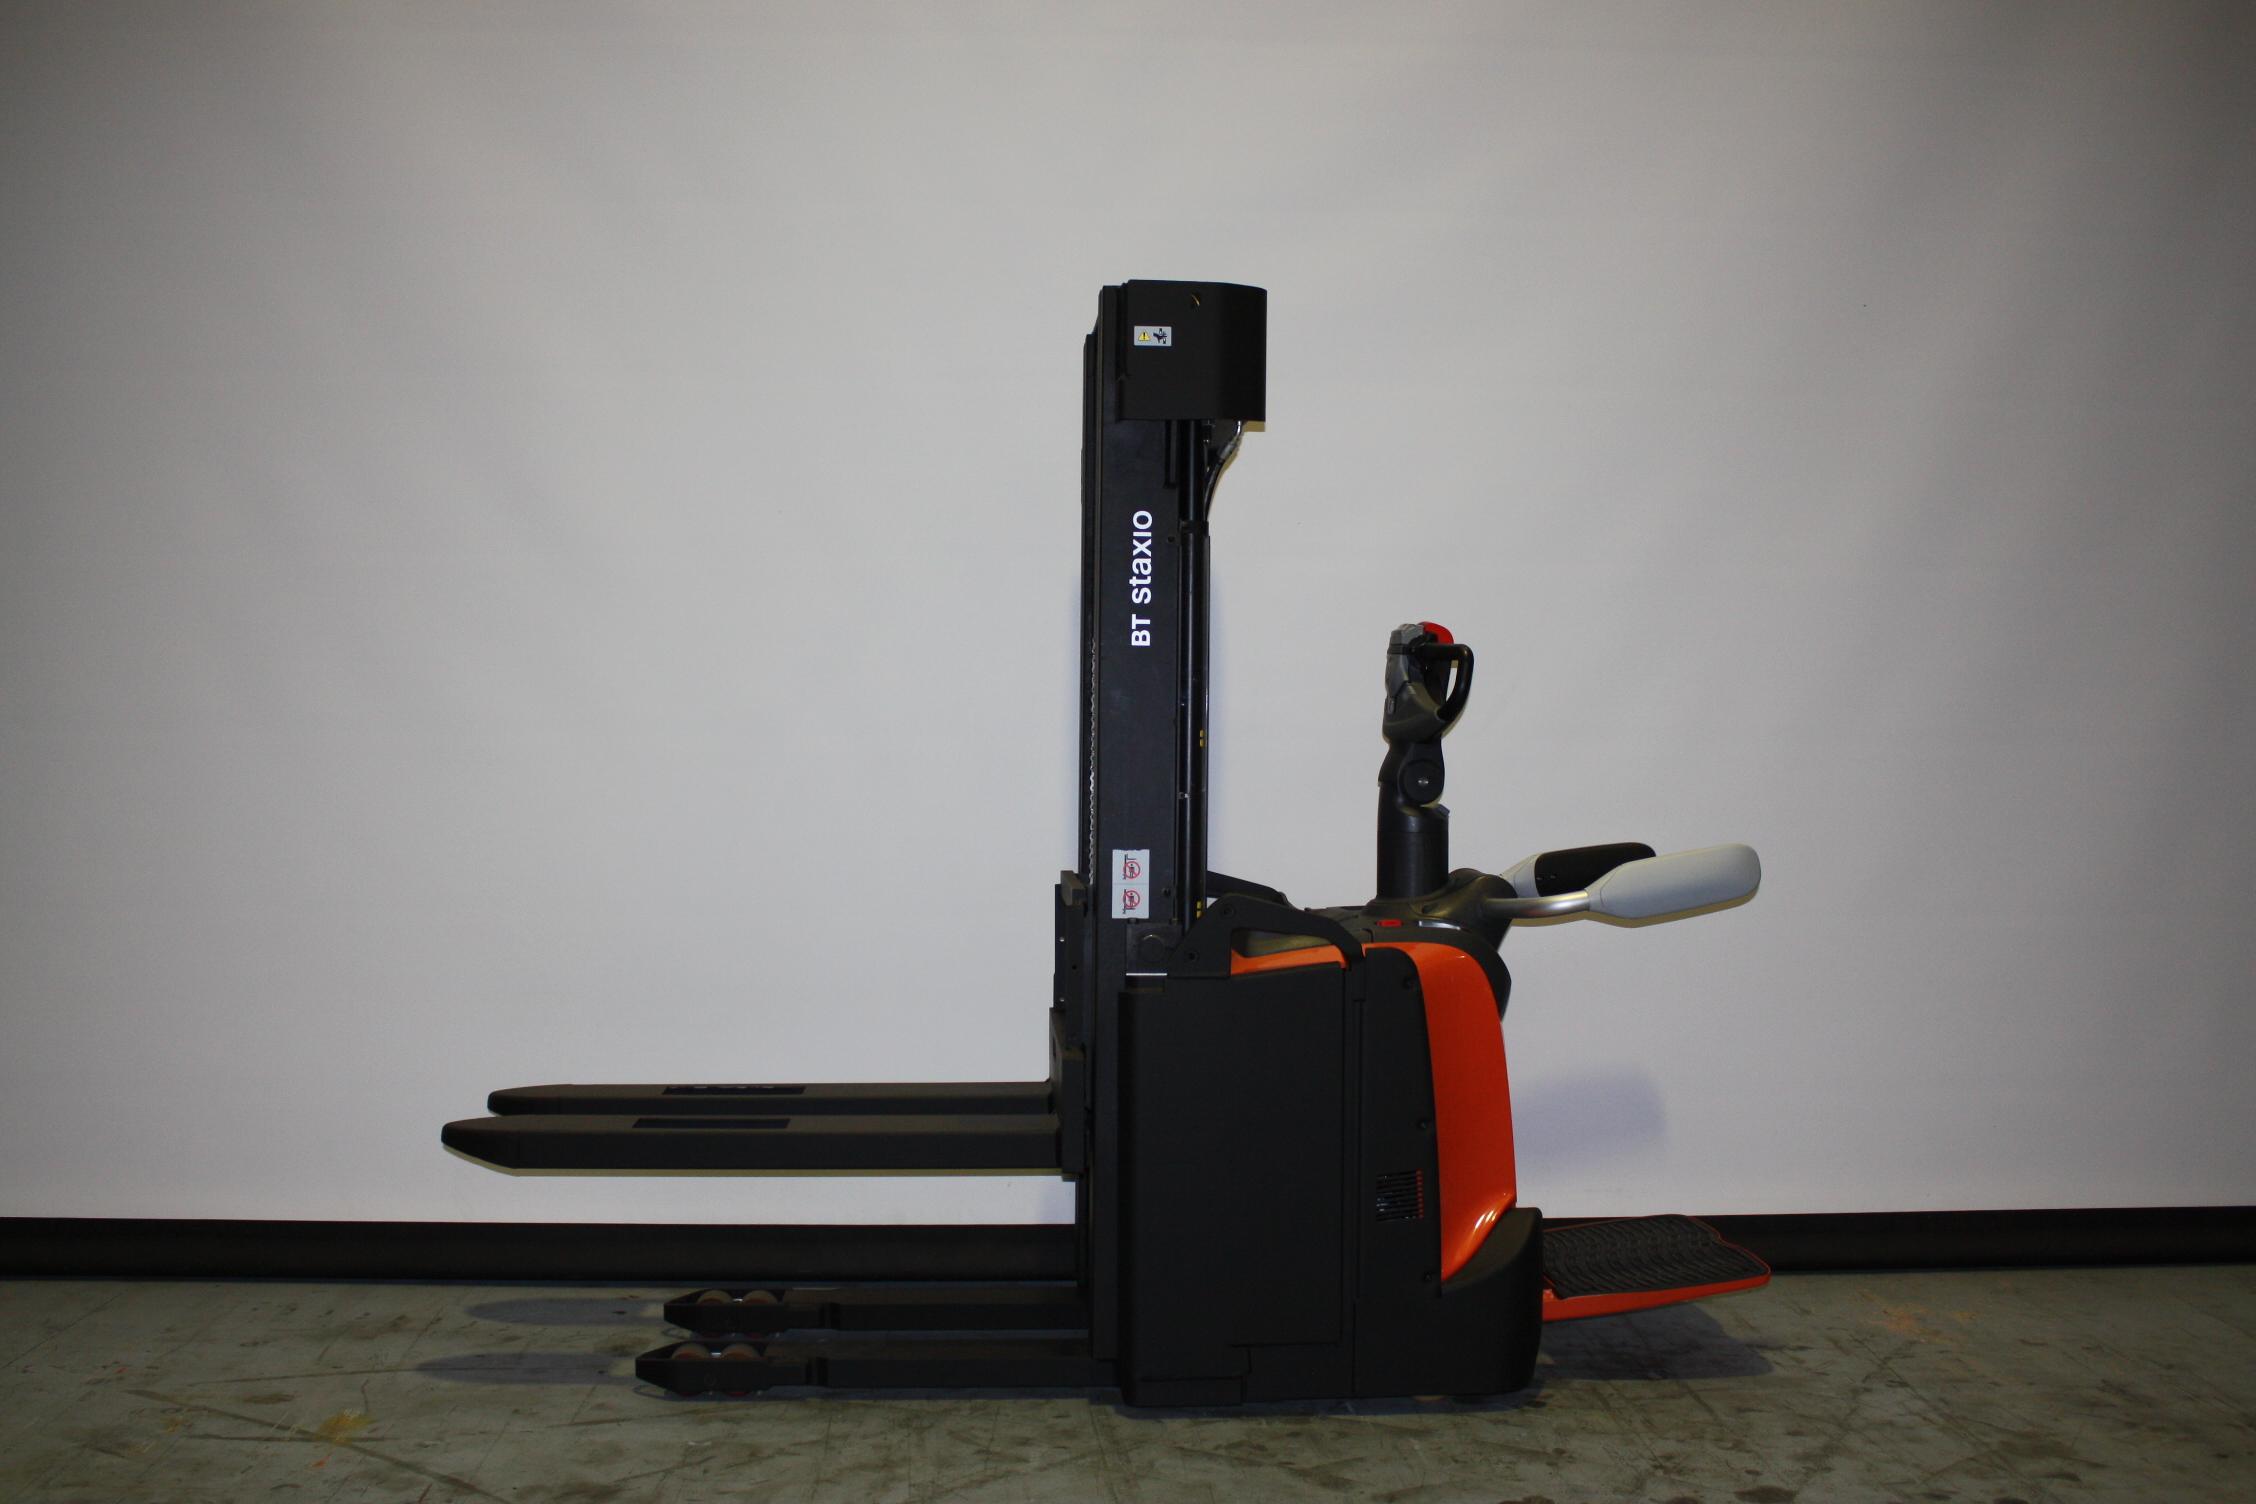 Toyota-Gabelstapler-59840 1911001906 1 54